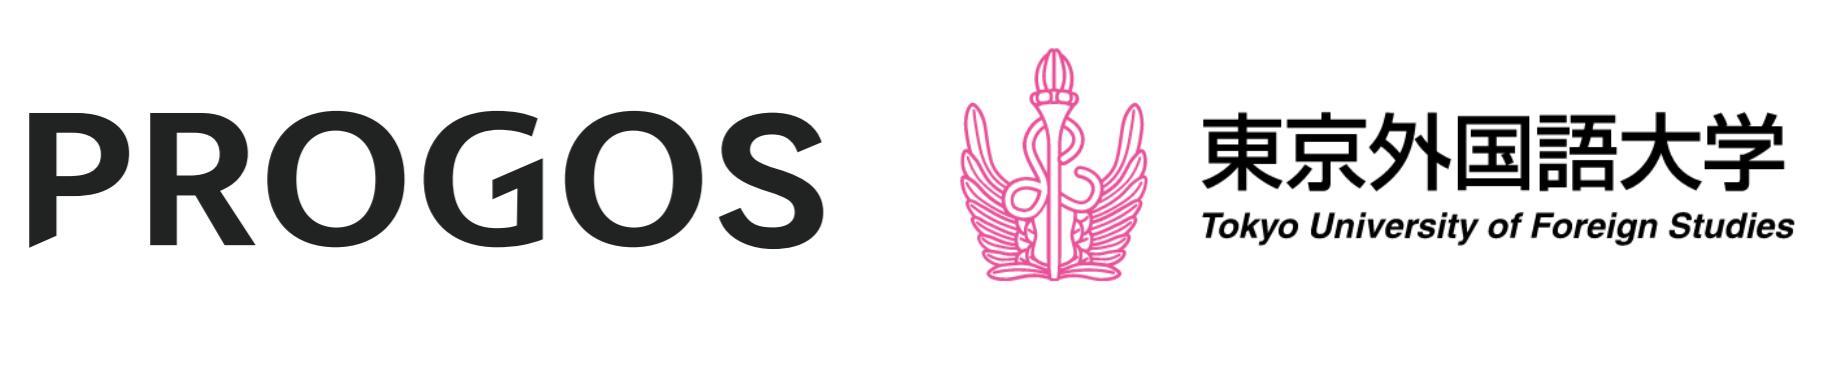 プロゴス社、東京外国語大学と事業の共同開発に基本合意 日本語スピーキング力研修プログラム開発で日本語... 画像